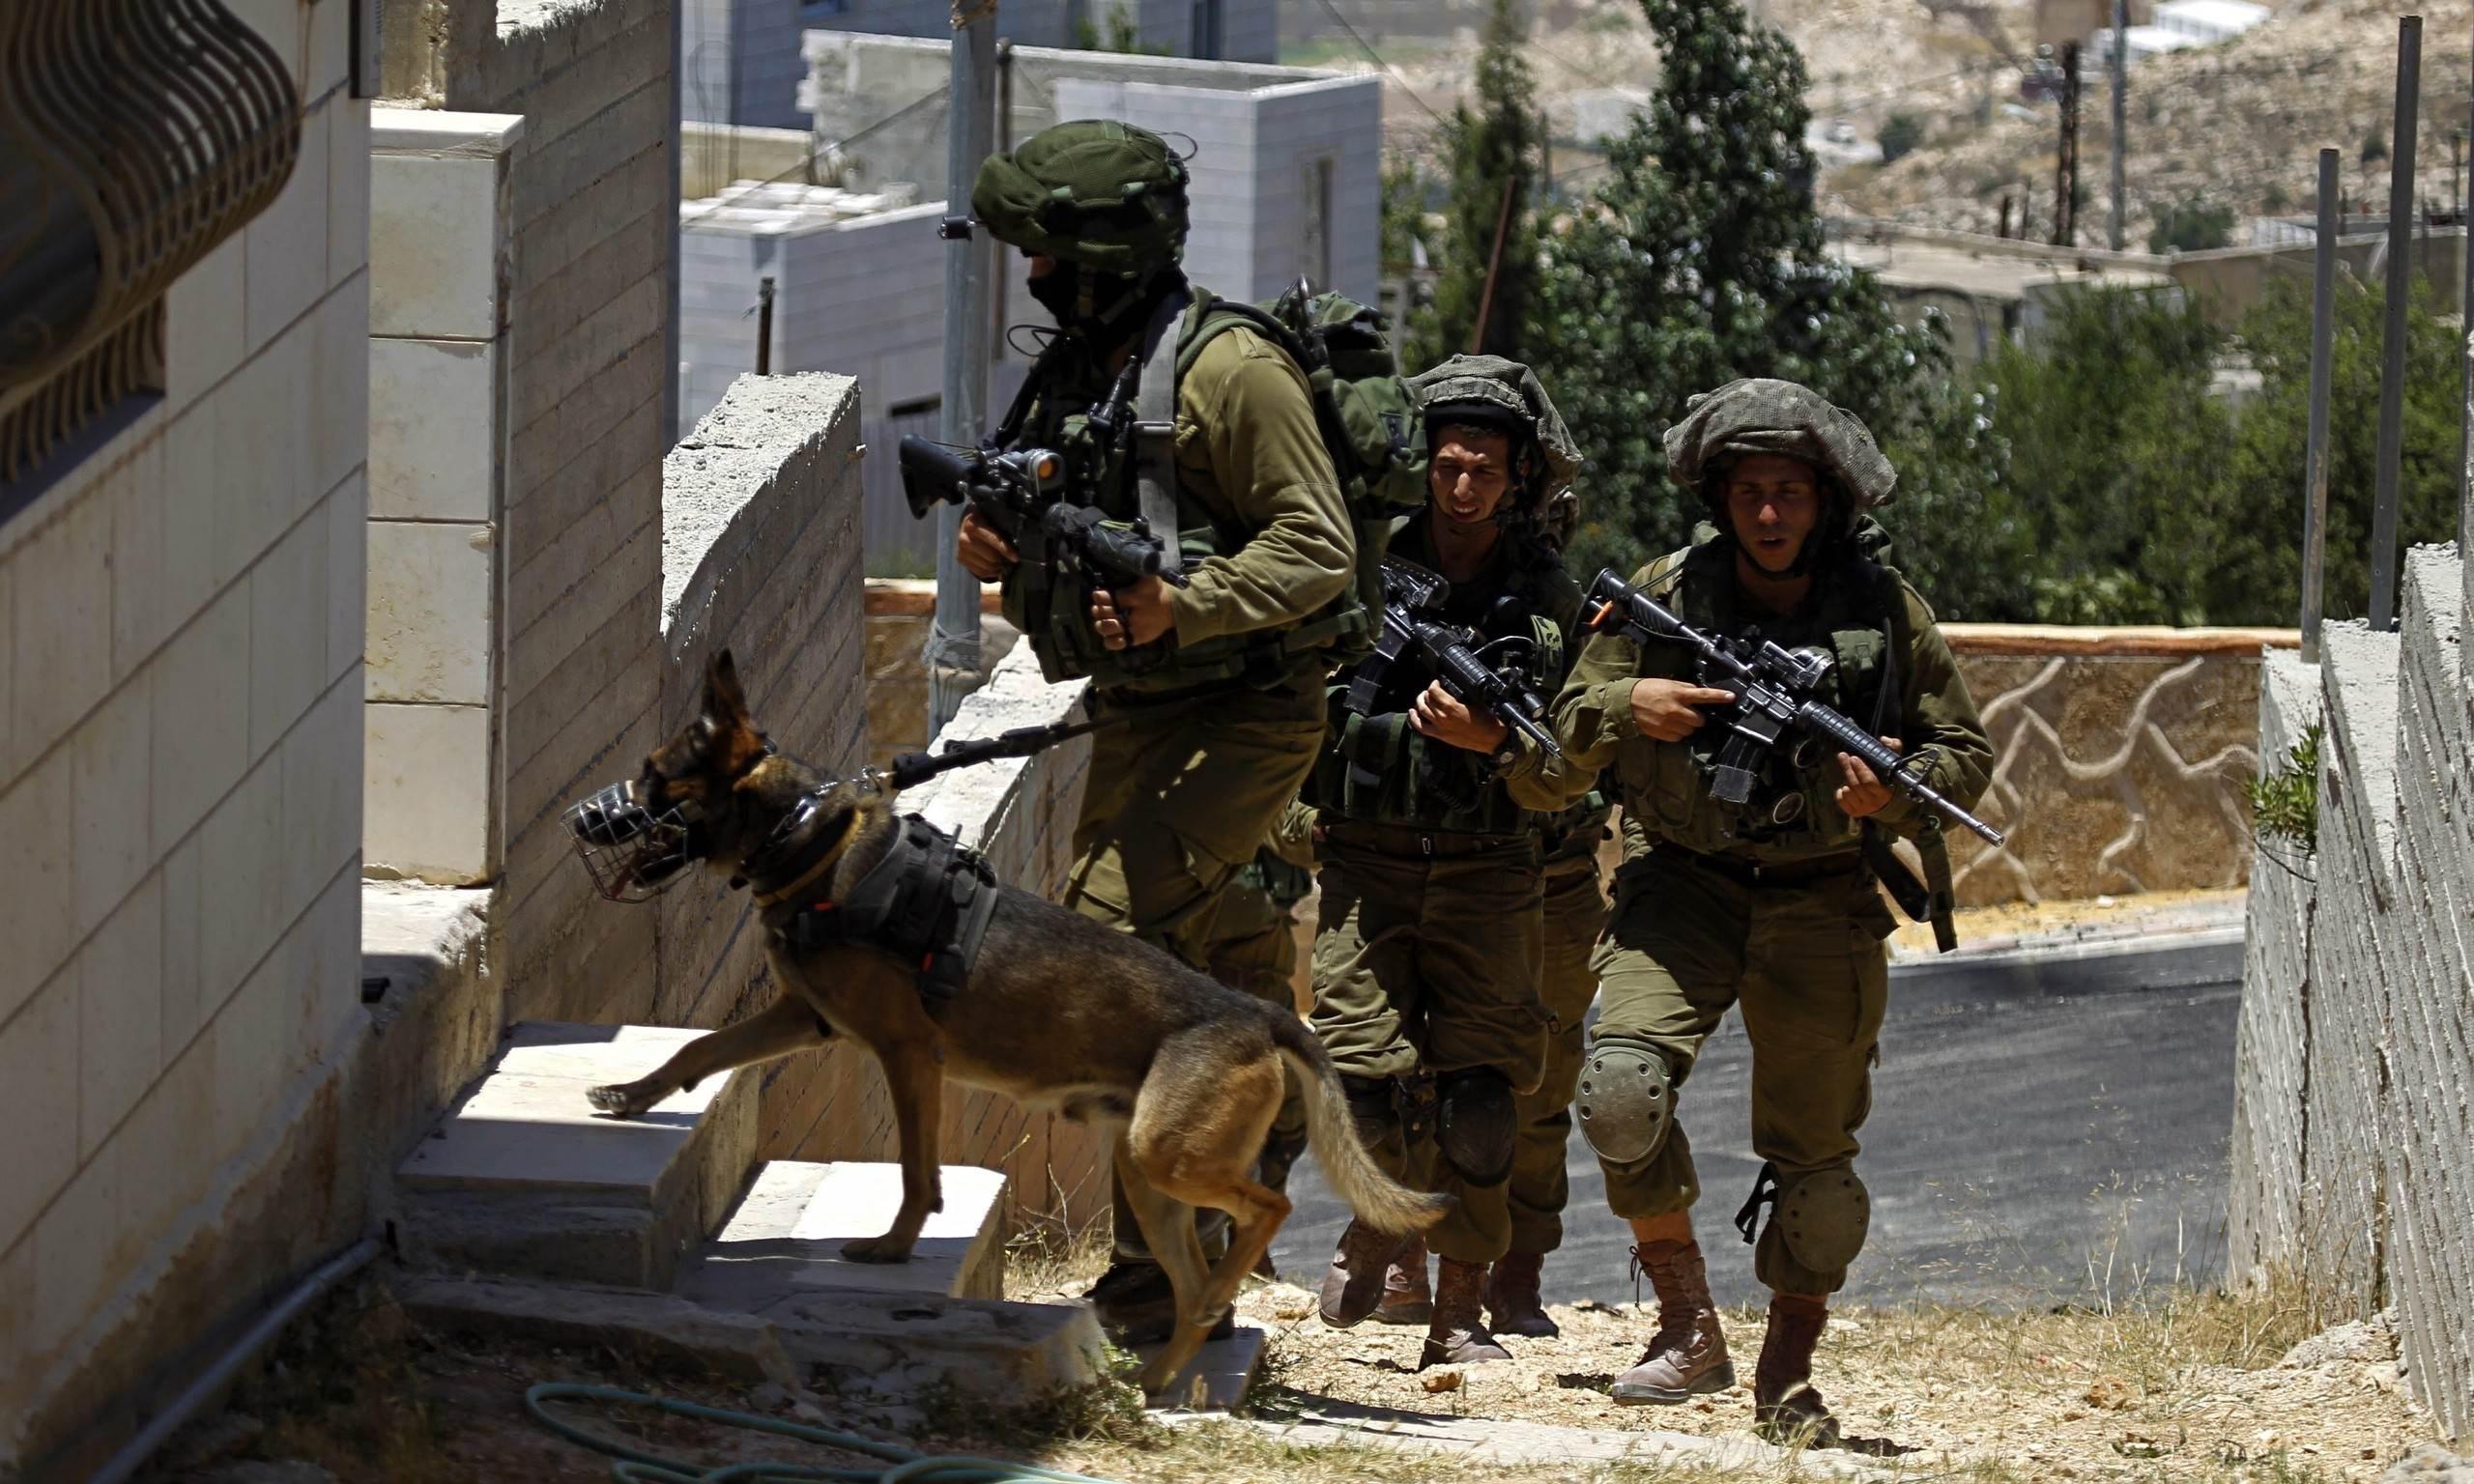 """بعد مقتل جندي إسرائيلي.. 36 حالة اعتقال في بلدة """"يعبد"""" خلال 3 أيام"""